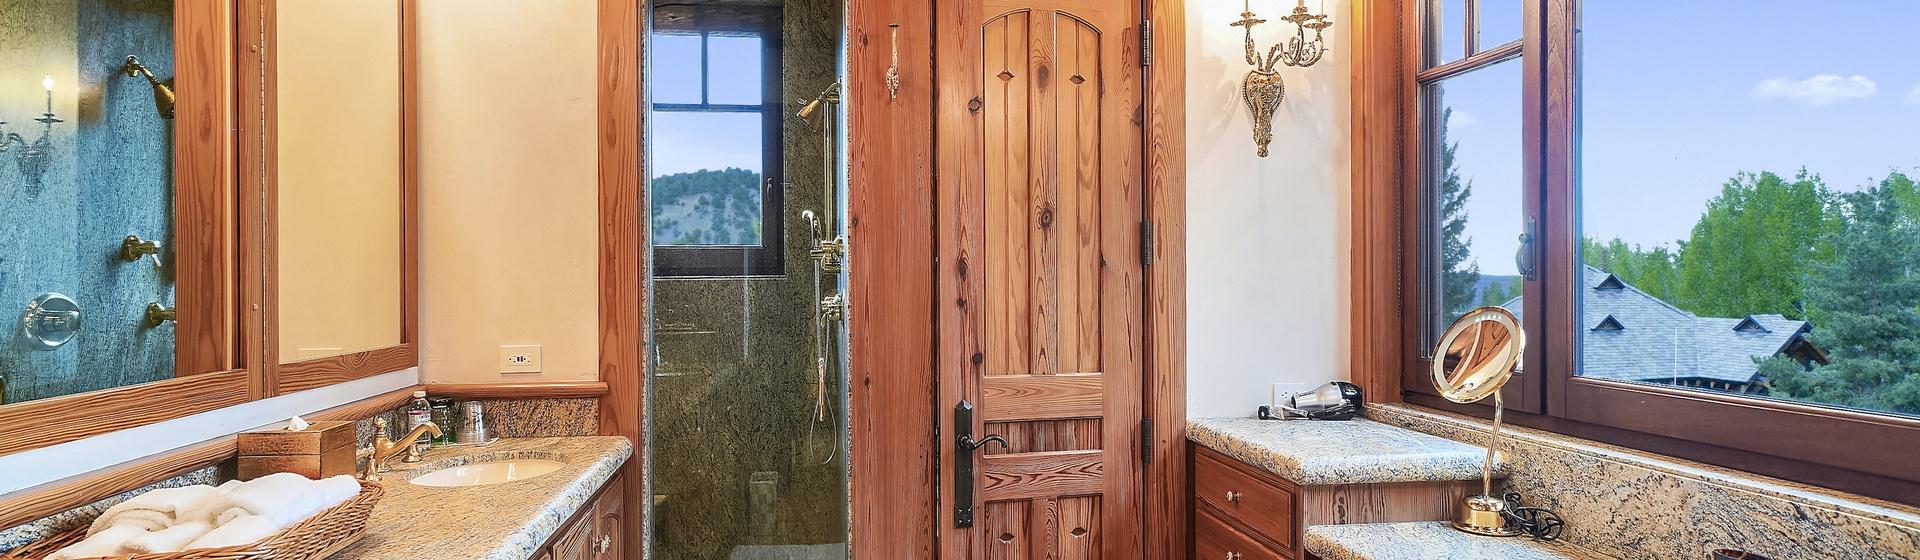 9.10-Telluride-Sleeping-Indian-Ranch-master-bathroom-I-web.JPG